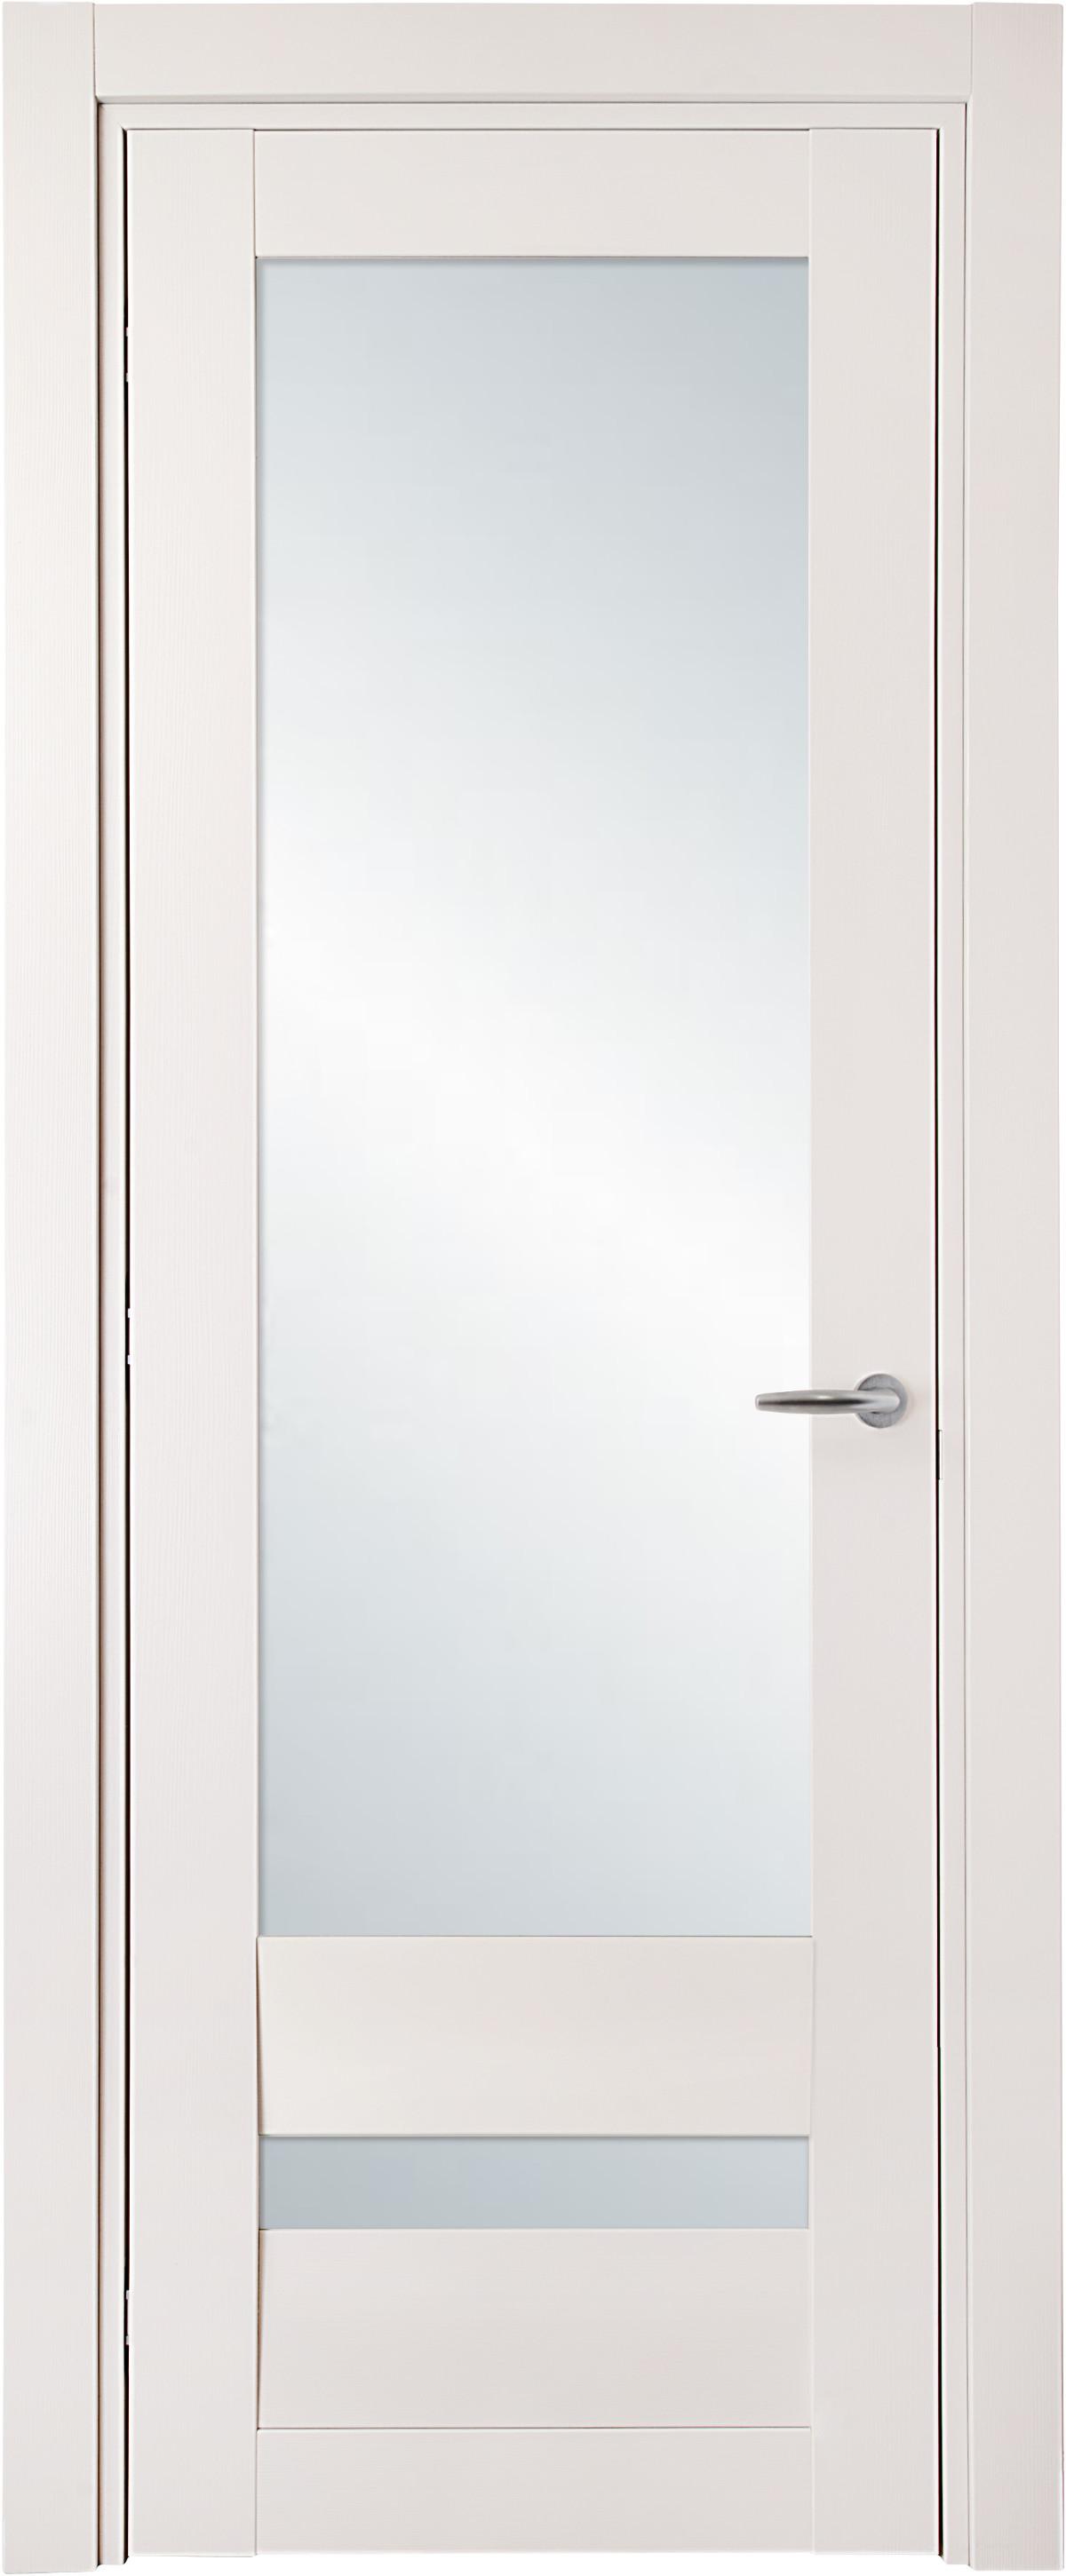 Межкомнатные двери Onda Largo 2S2KnP